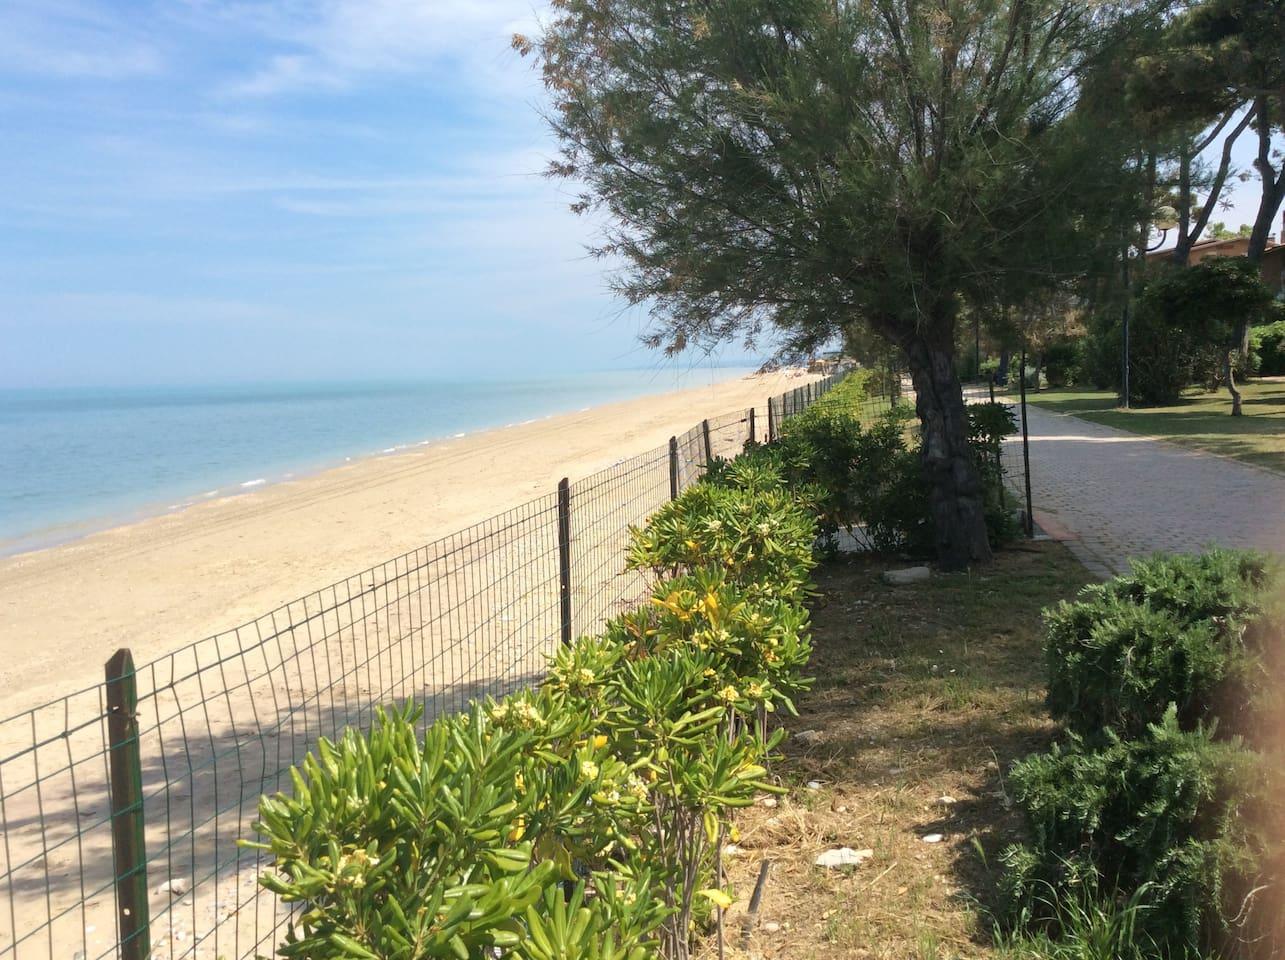 La spiaggia libera  , situata a circa 1500 metri.